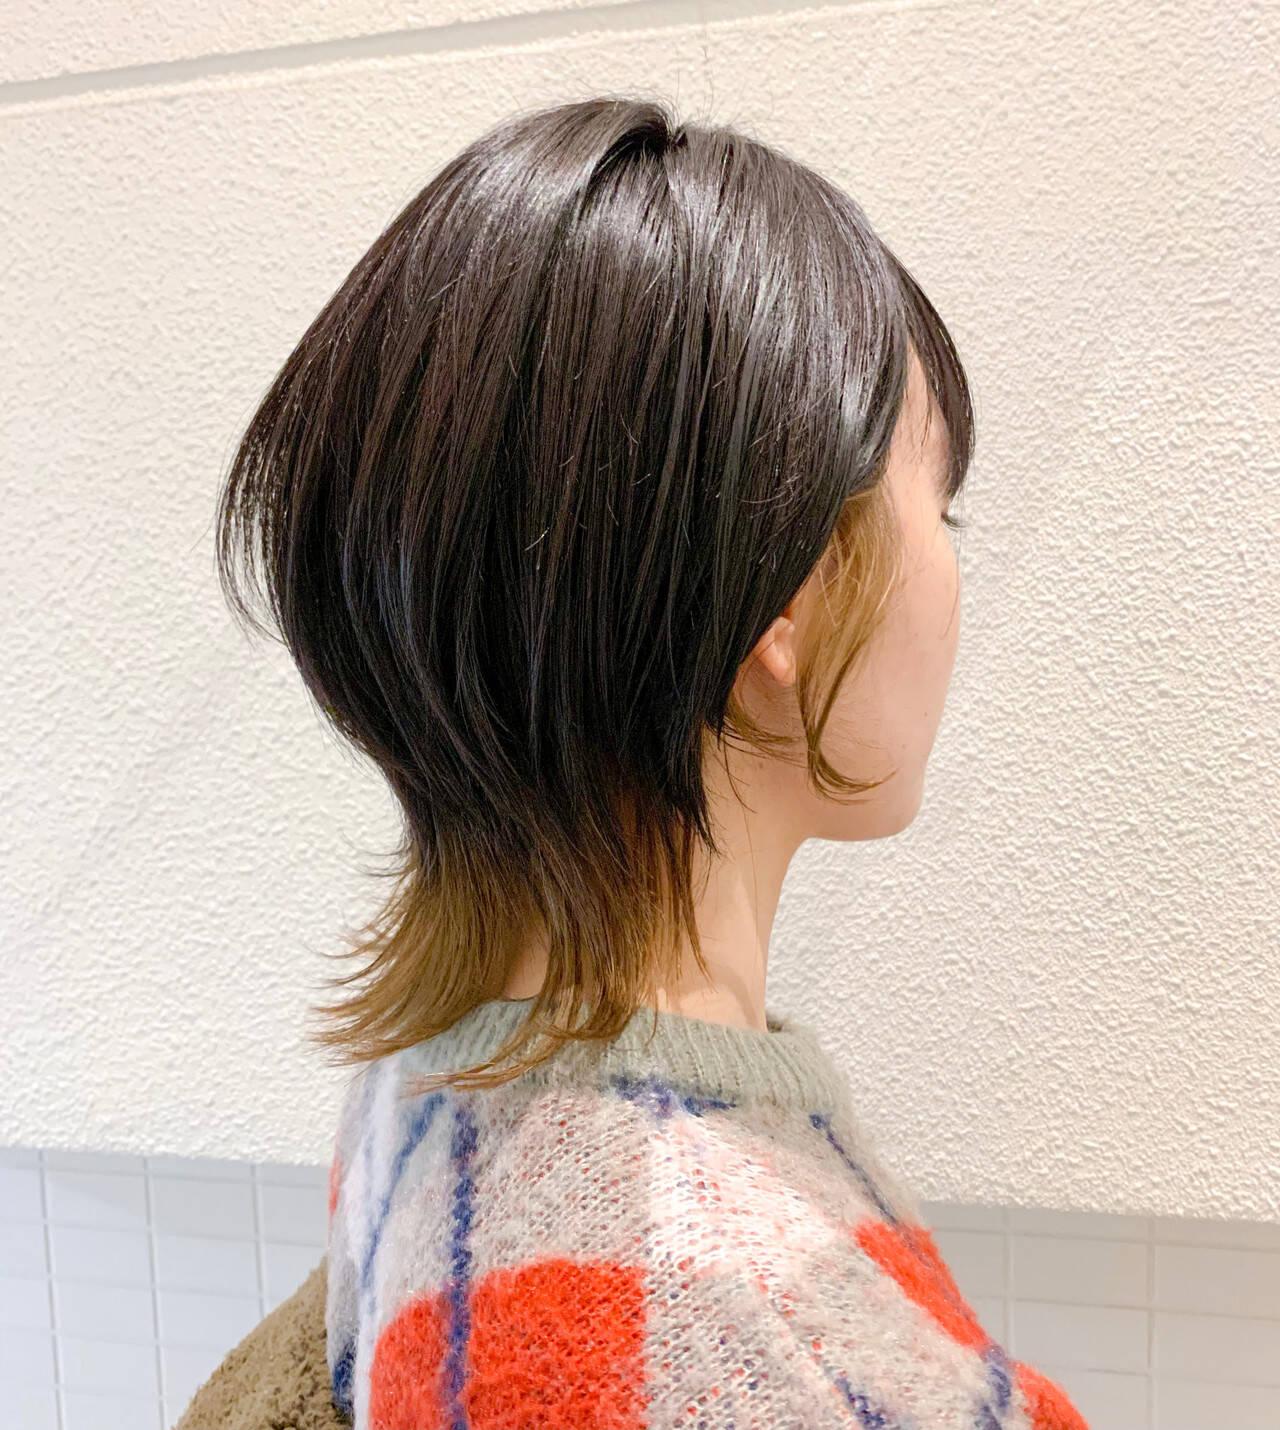 ストリート ショートヘア ショート ブリーチヘアスタイルや髪型の写真・画像